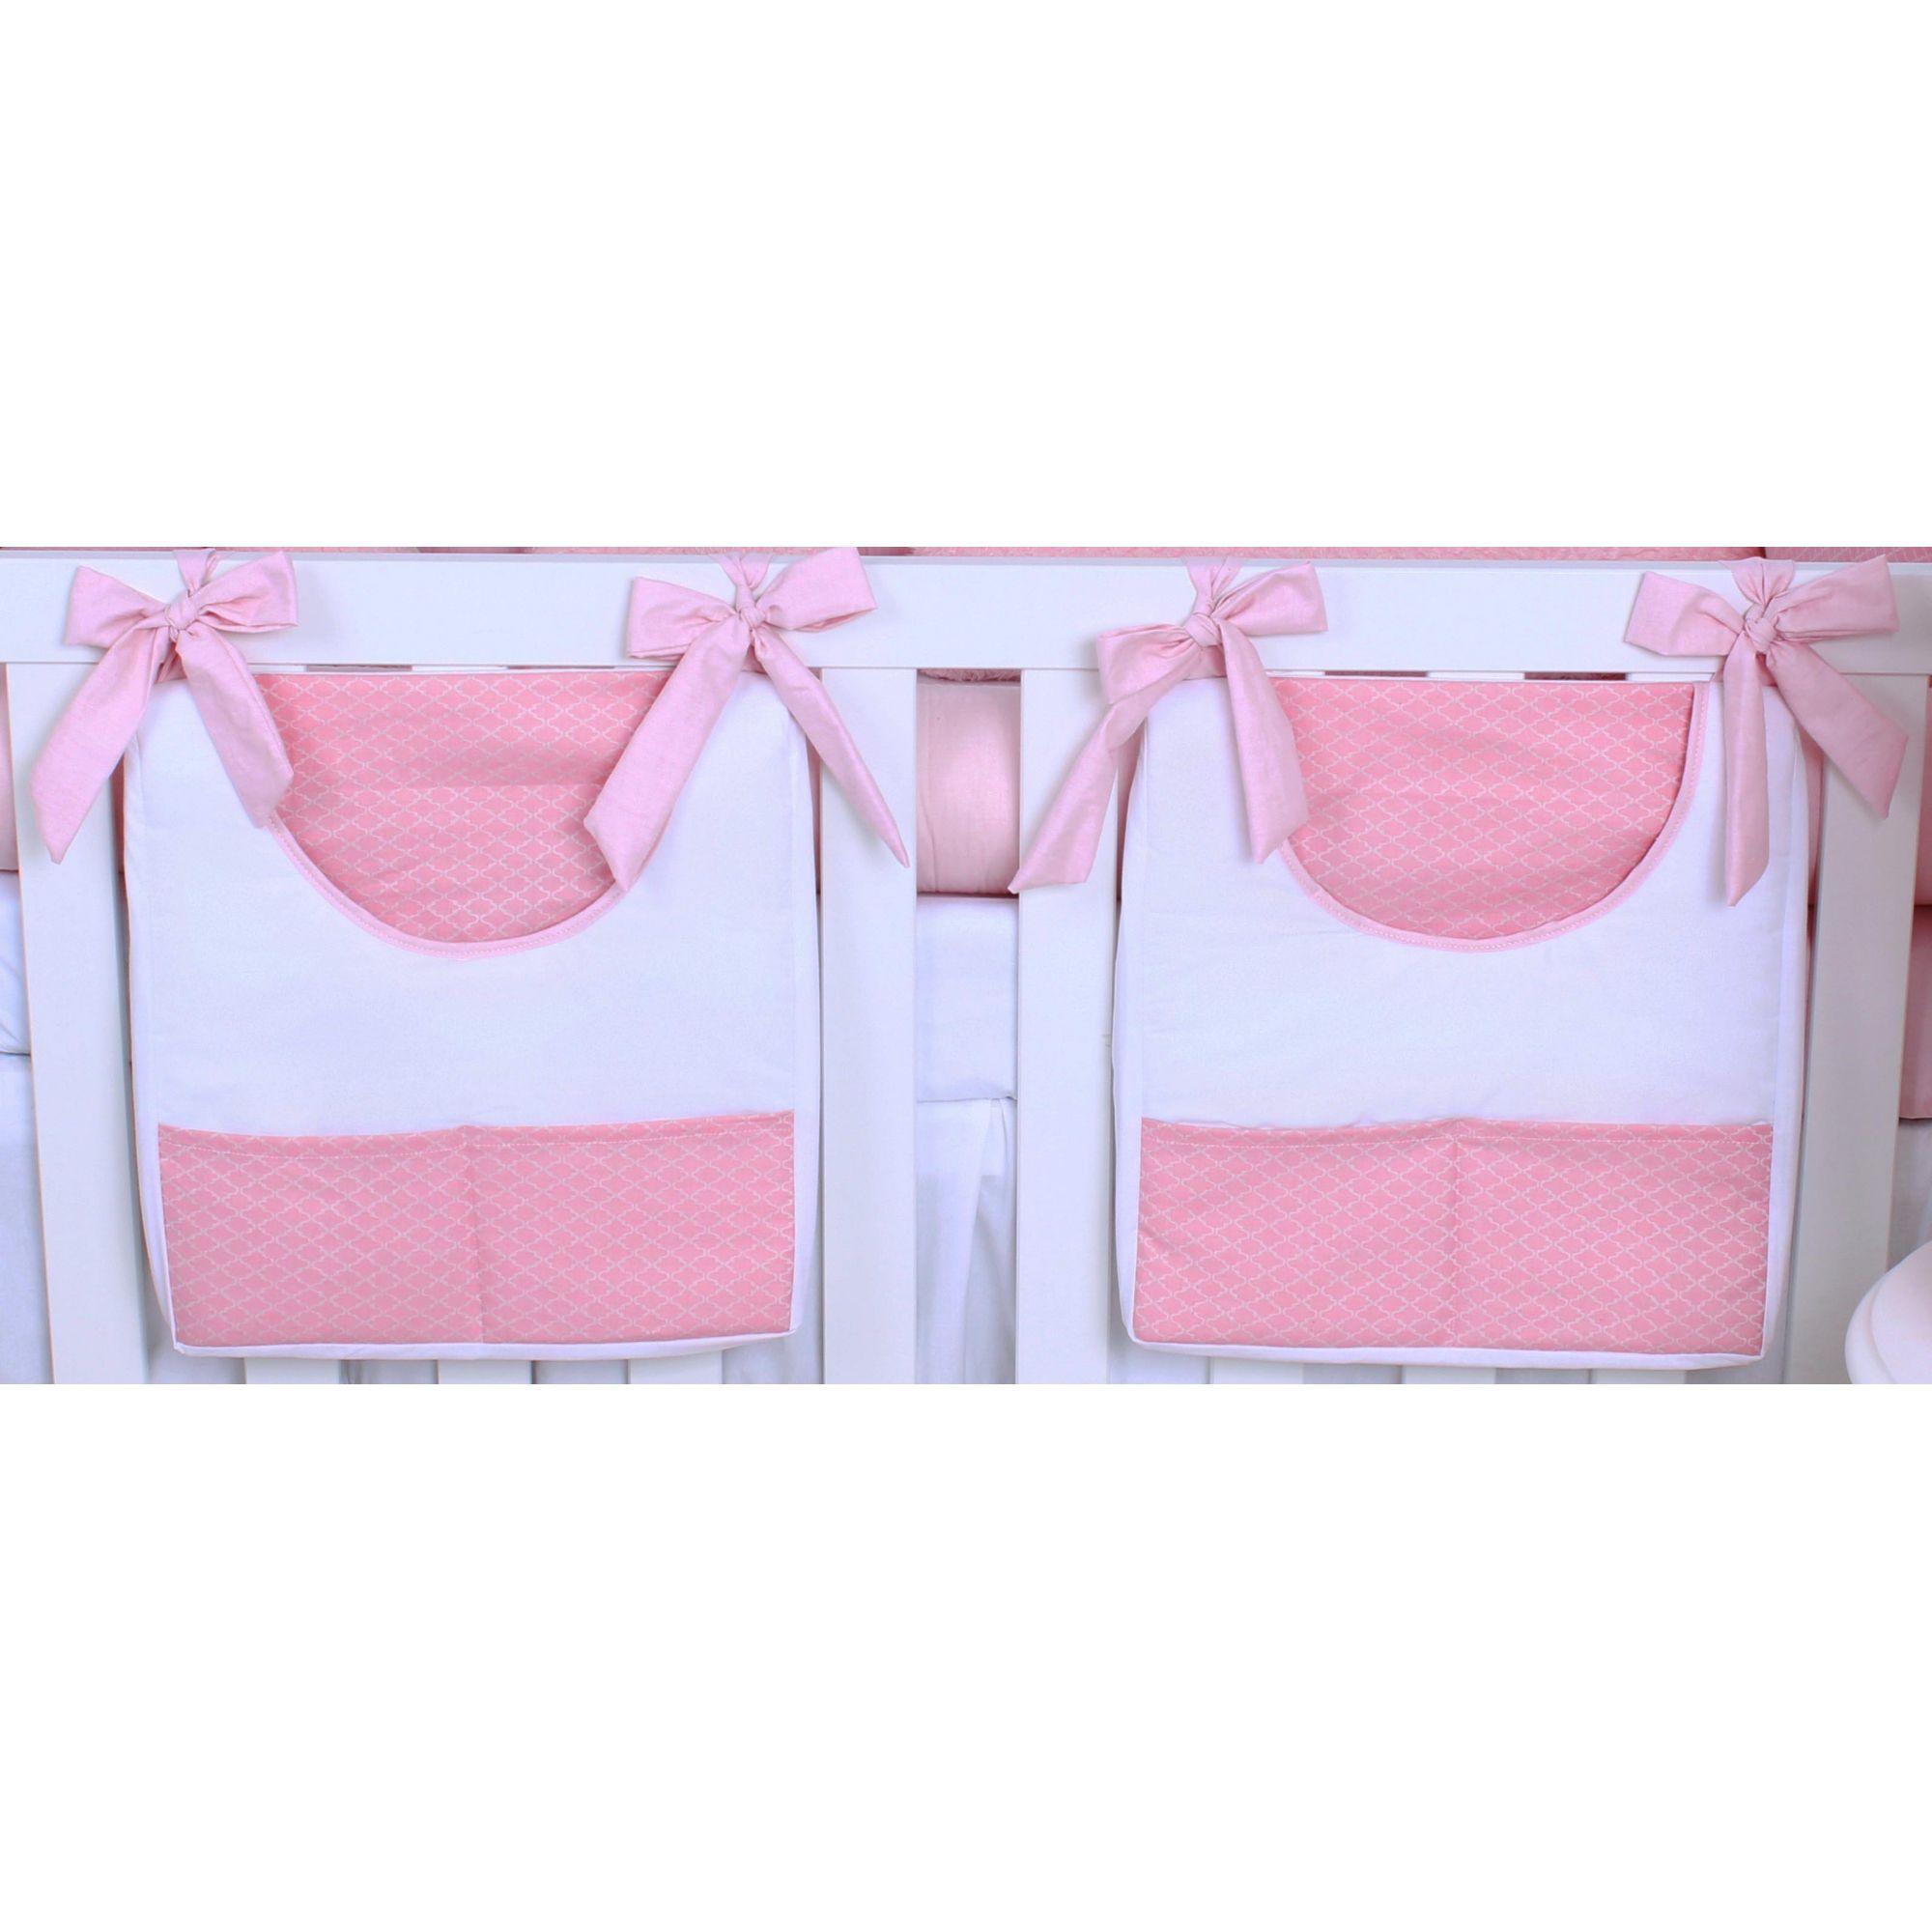 Porta Fraldas de Varão 02 Peças Arabesco Rosa